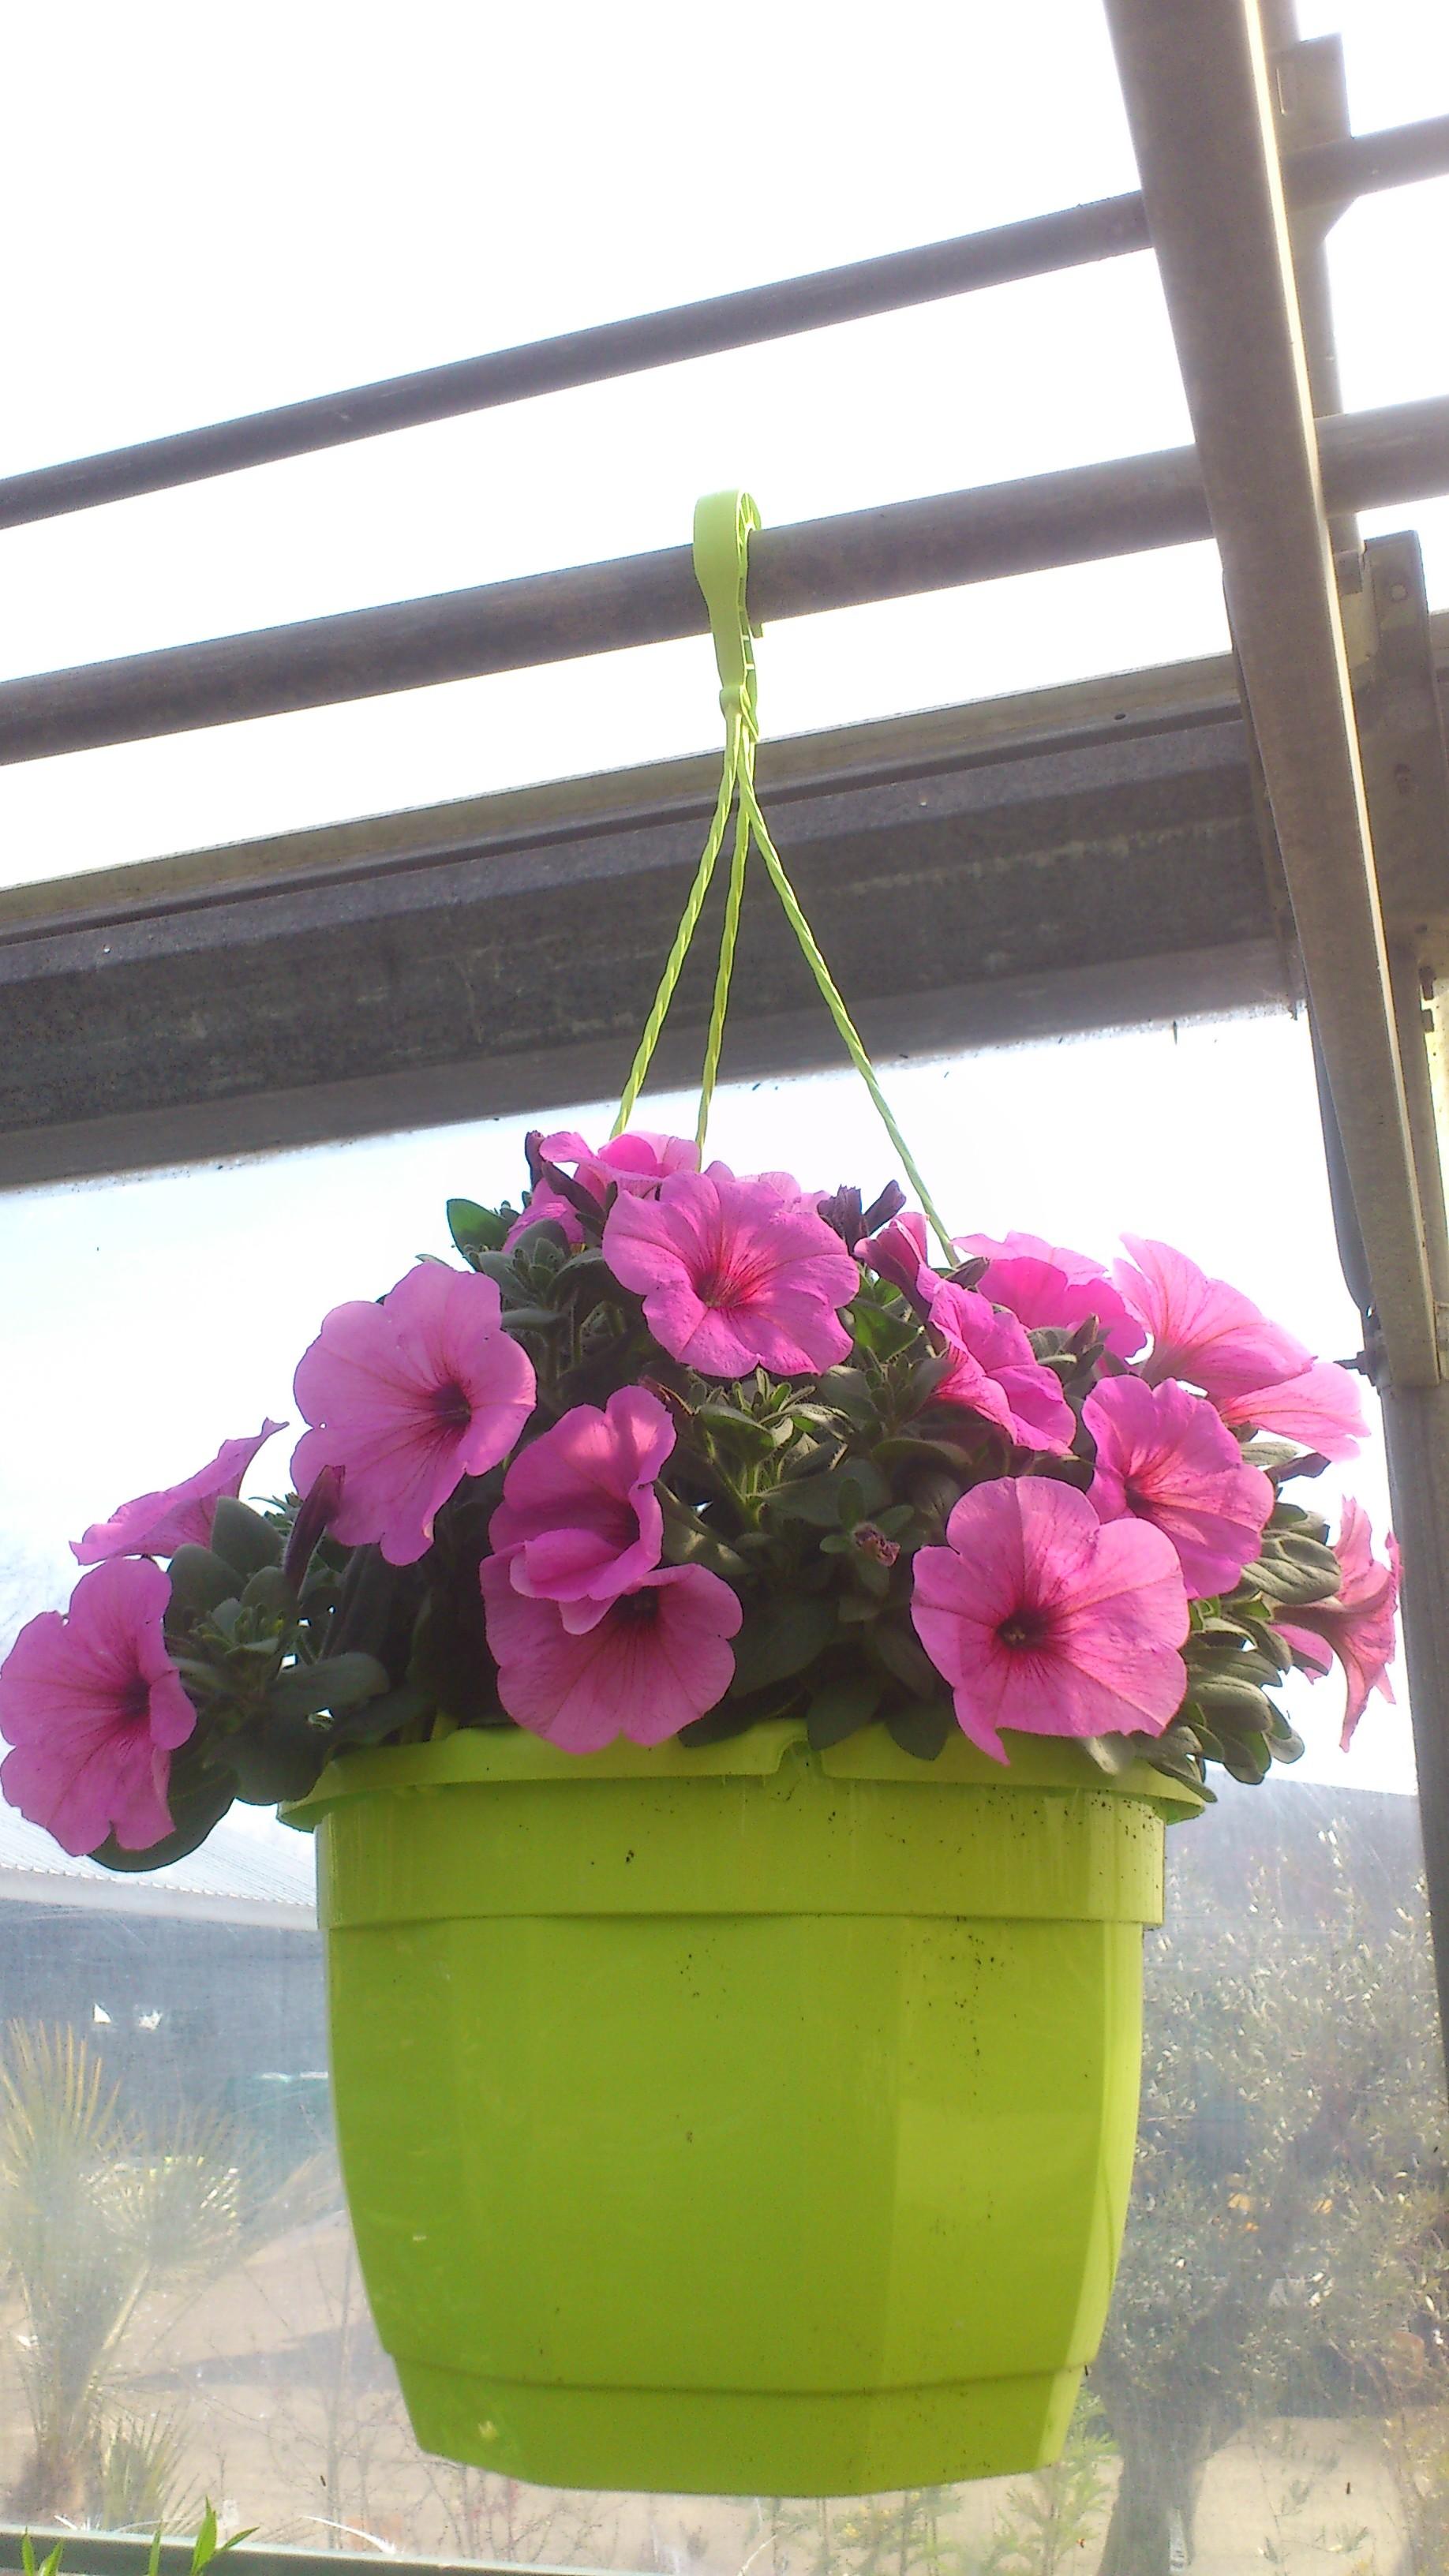 suspensions de fleurs jardinerie p pini re 31270 villeneuve tolosane. Black Bedroom Furniture Sets. Home Design Ideas